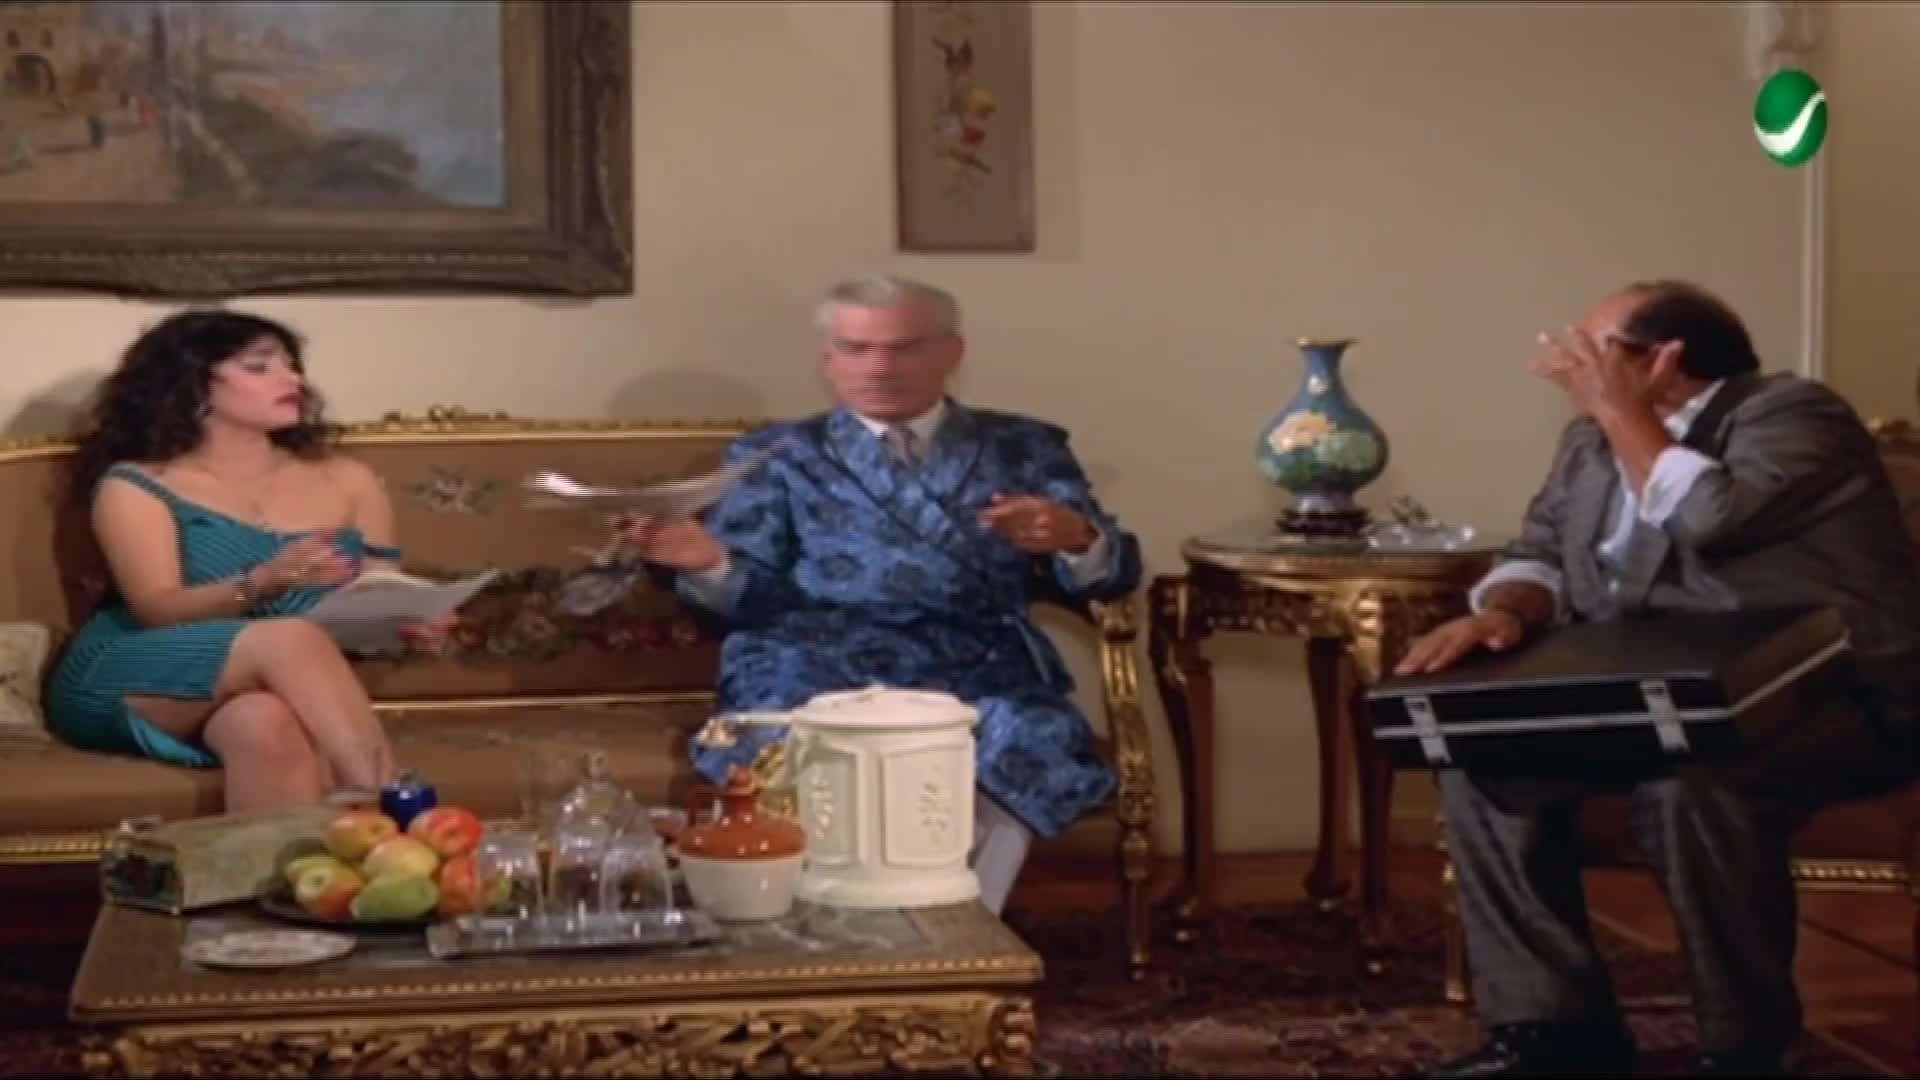 [فيلم][تورنت][تحميل][الجبلاوي][1991][1080p][Web-DL] 7 arabp2p.com